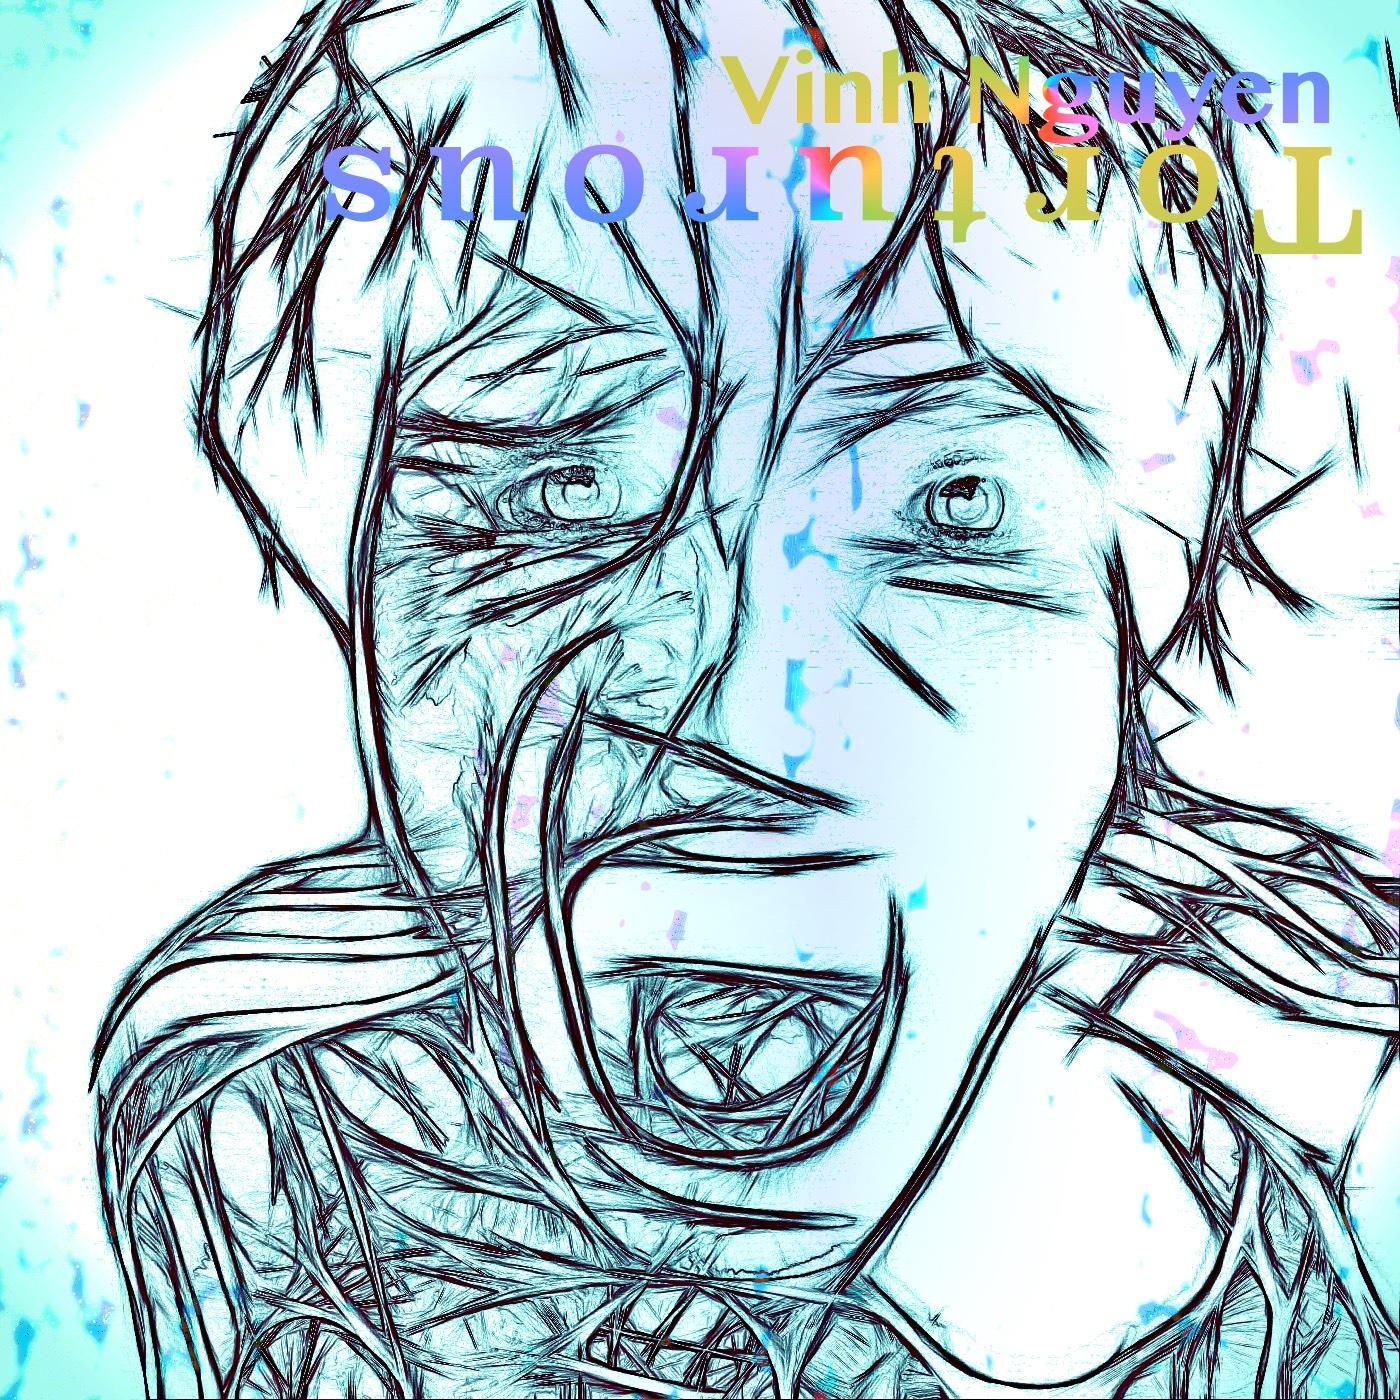 torturous-music-cover-art-1400px-70perjpg